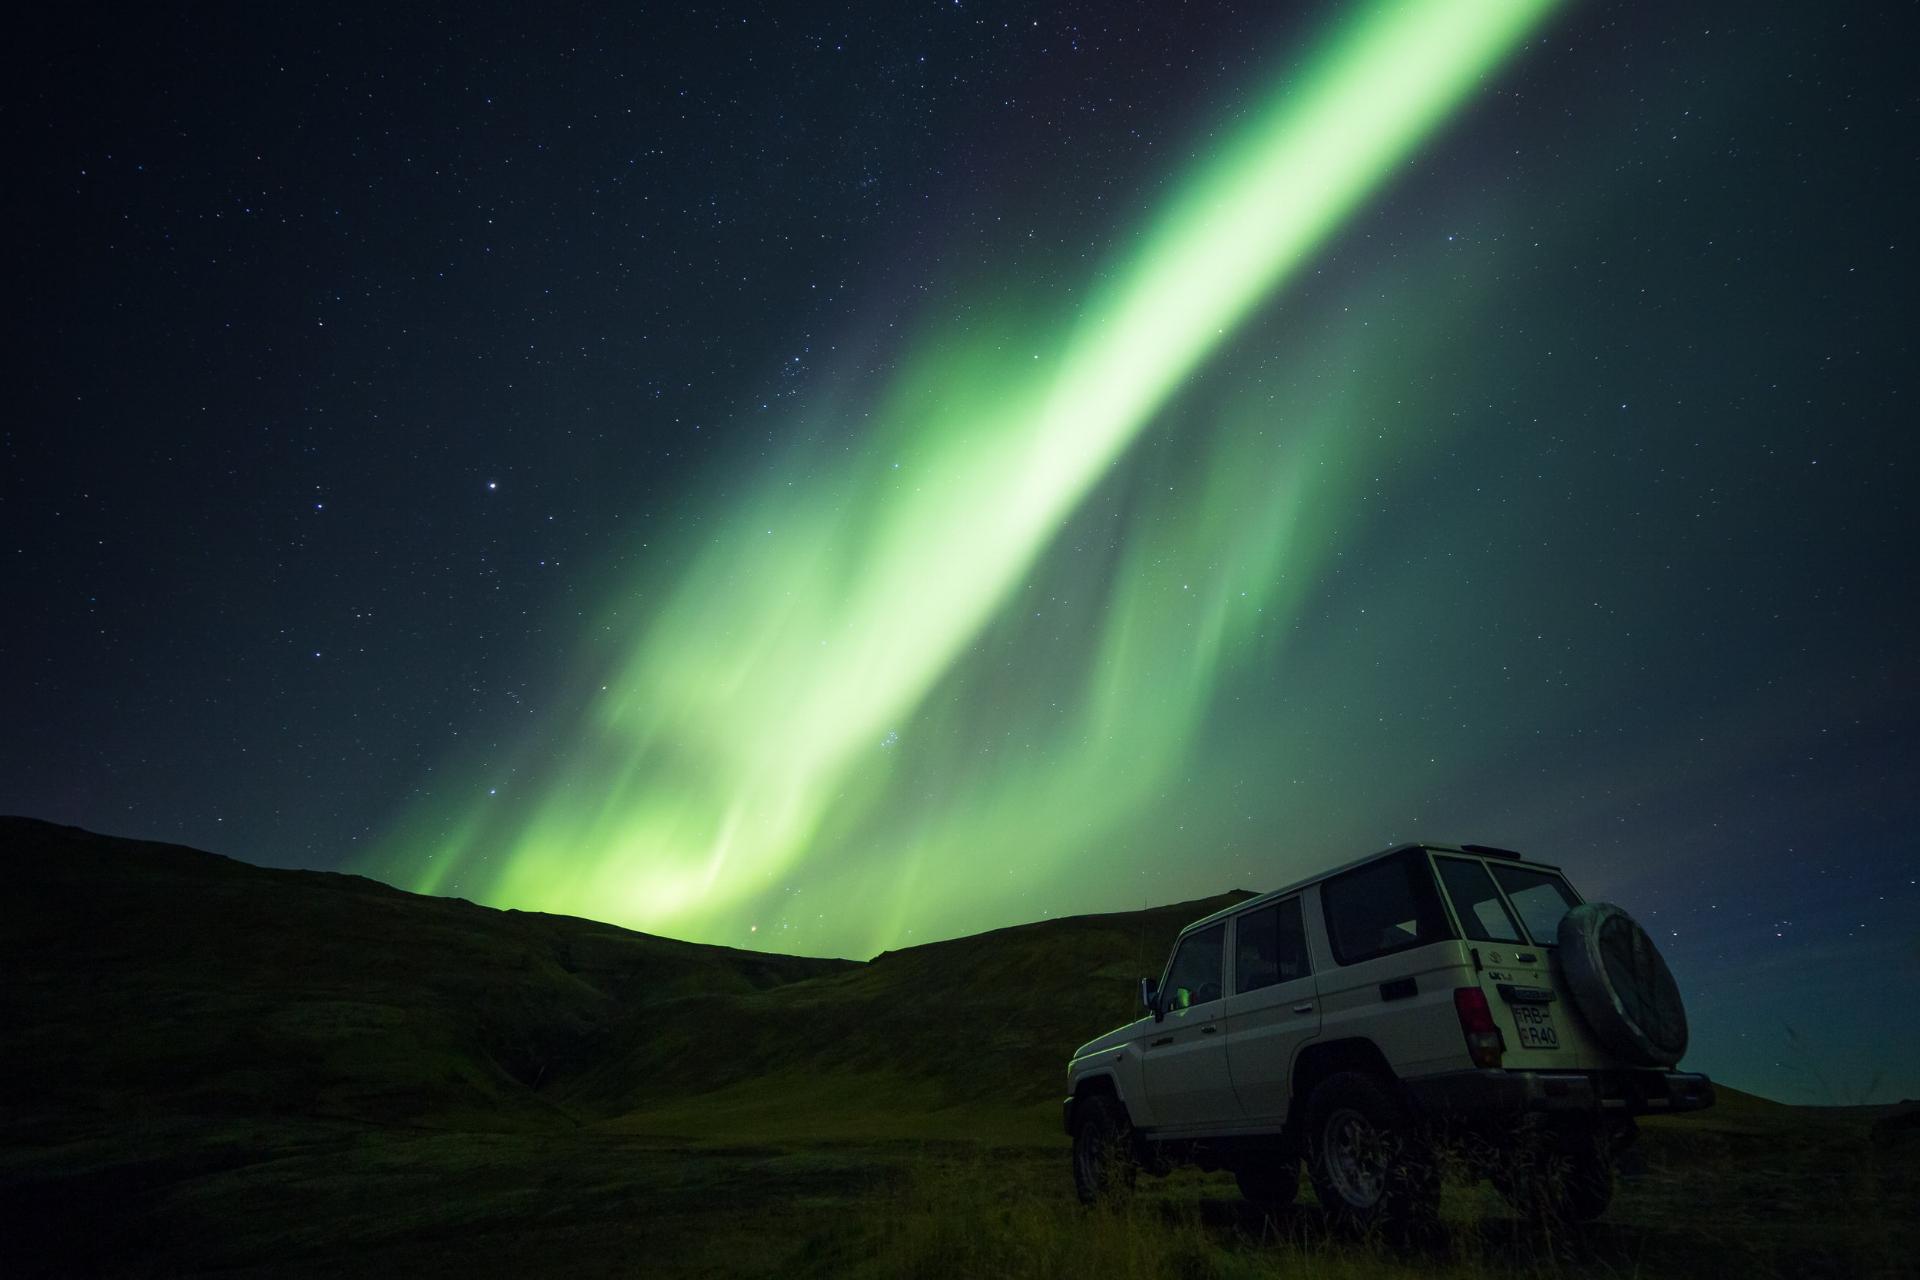 4x4 Aurora